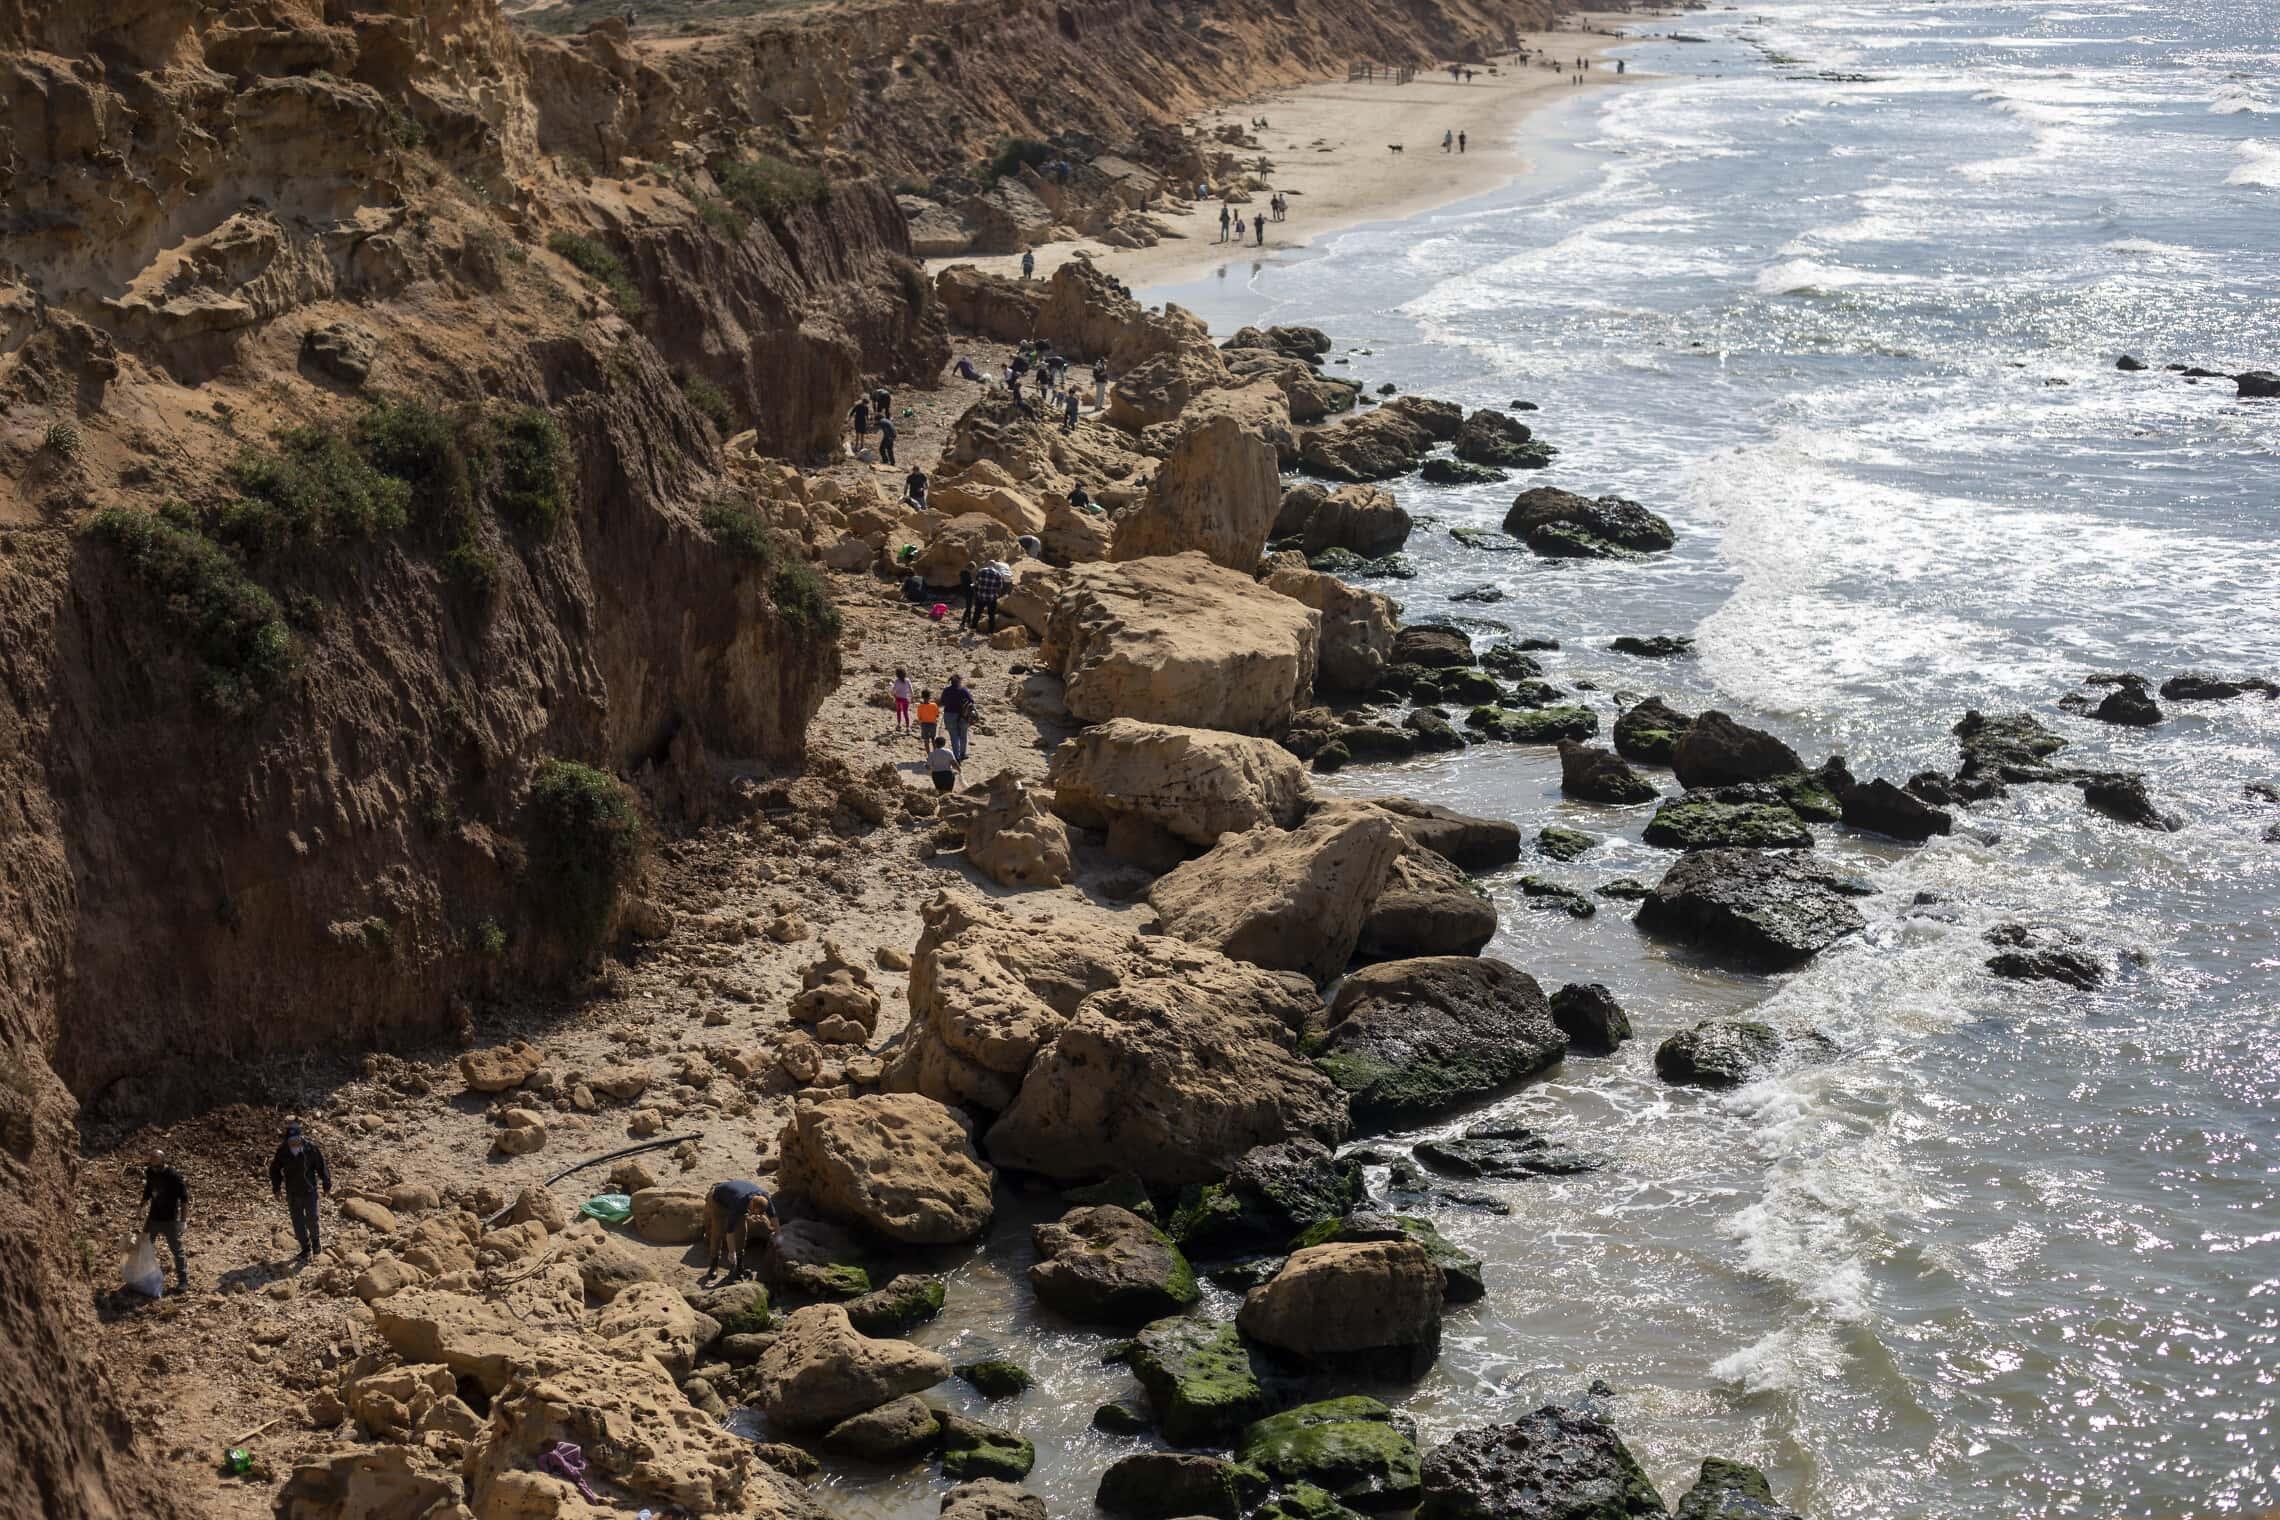 מתנדבים מנקה בחוף בעקבות דליפת הנפט שגרמה לזיהום בחופי הארץ, 20 בפברואר 2021 (צילום: AP Photo/Ariel Schalit)